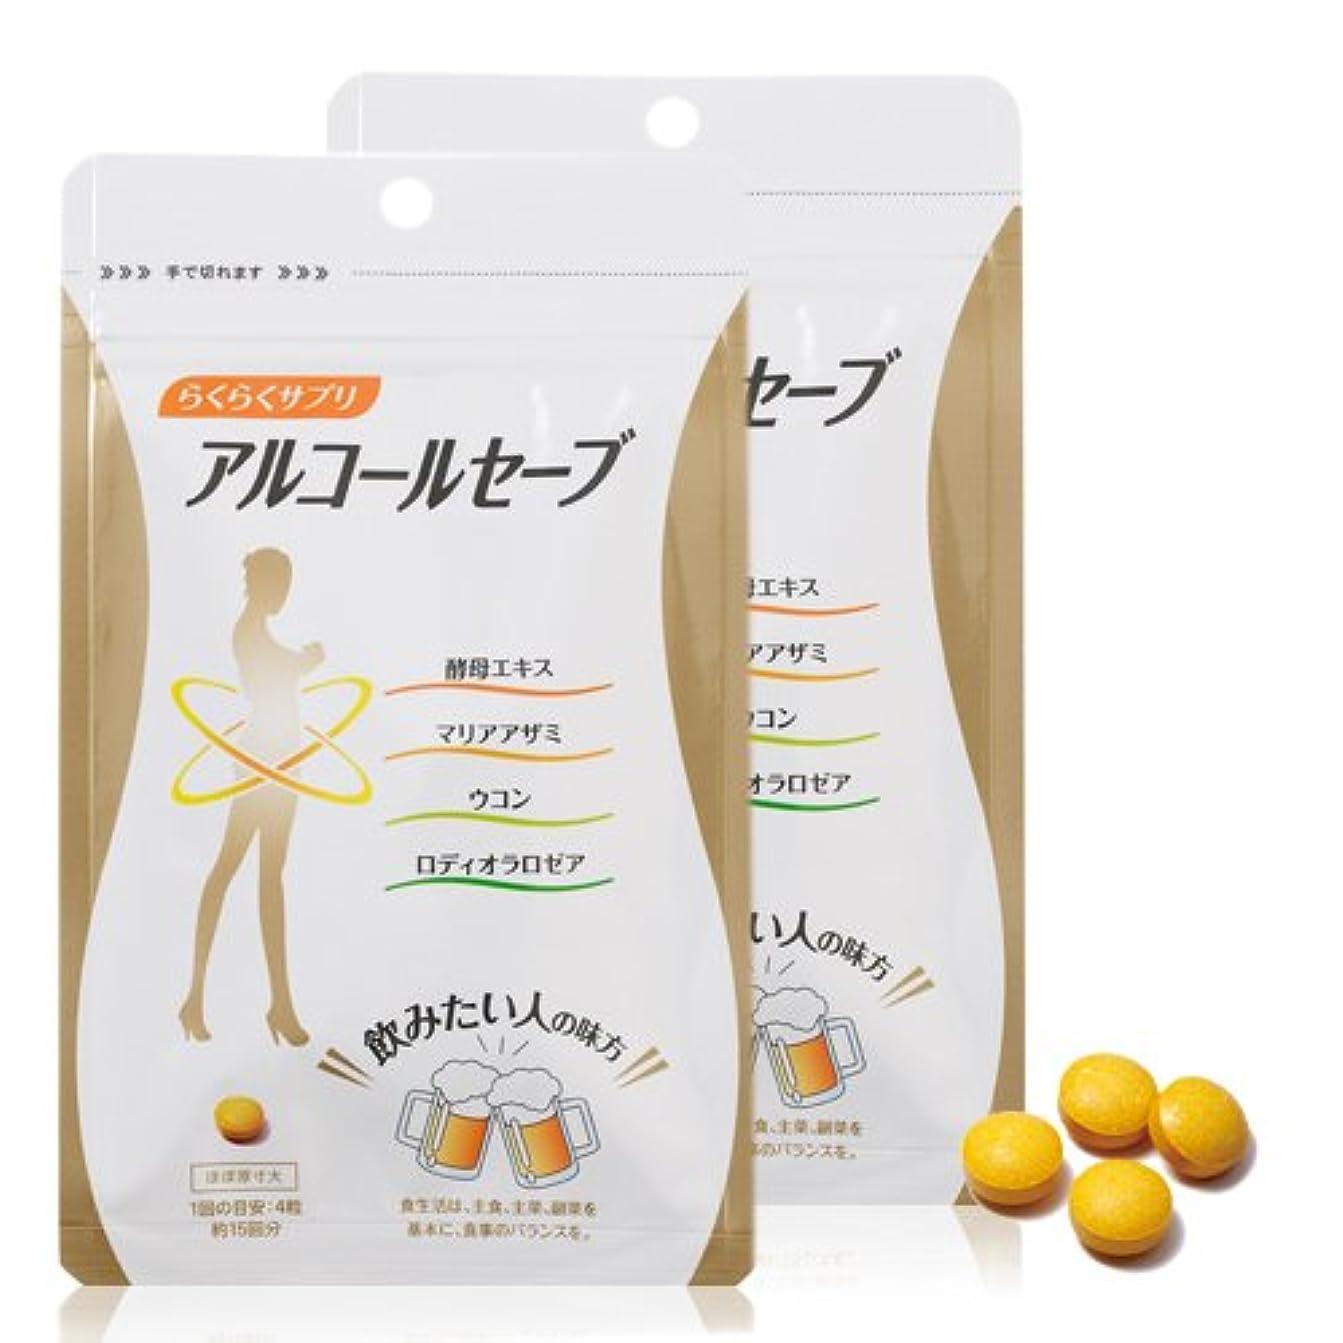 子孫食い違い寛容スリムサプリメント アルコールセーブ 2袋セット